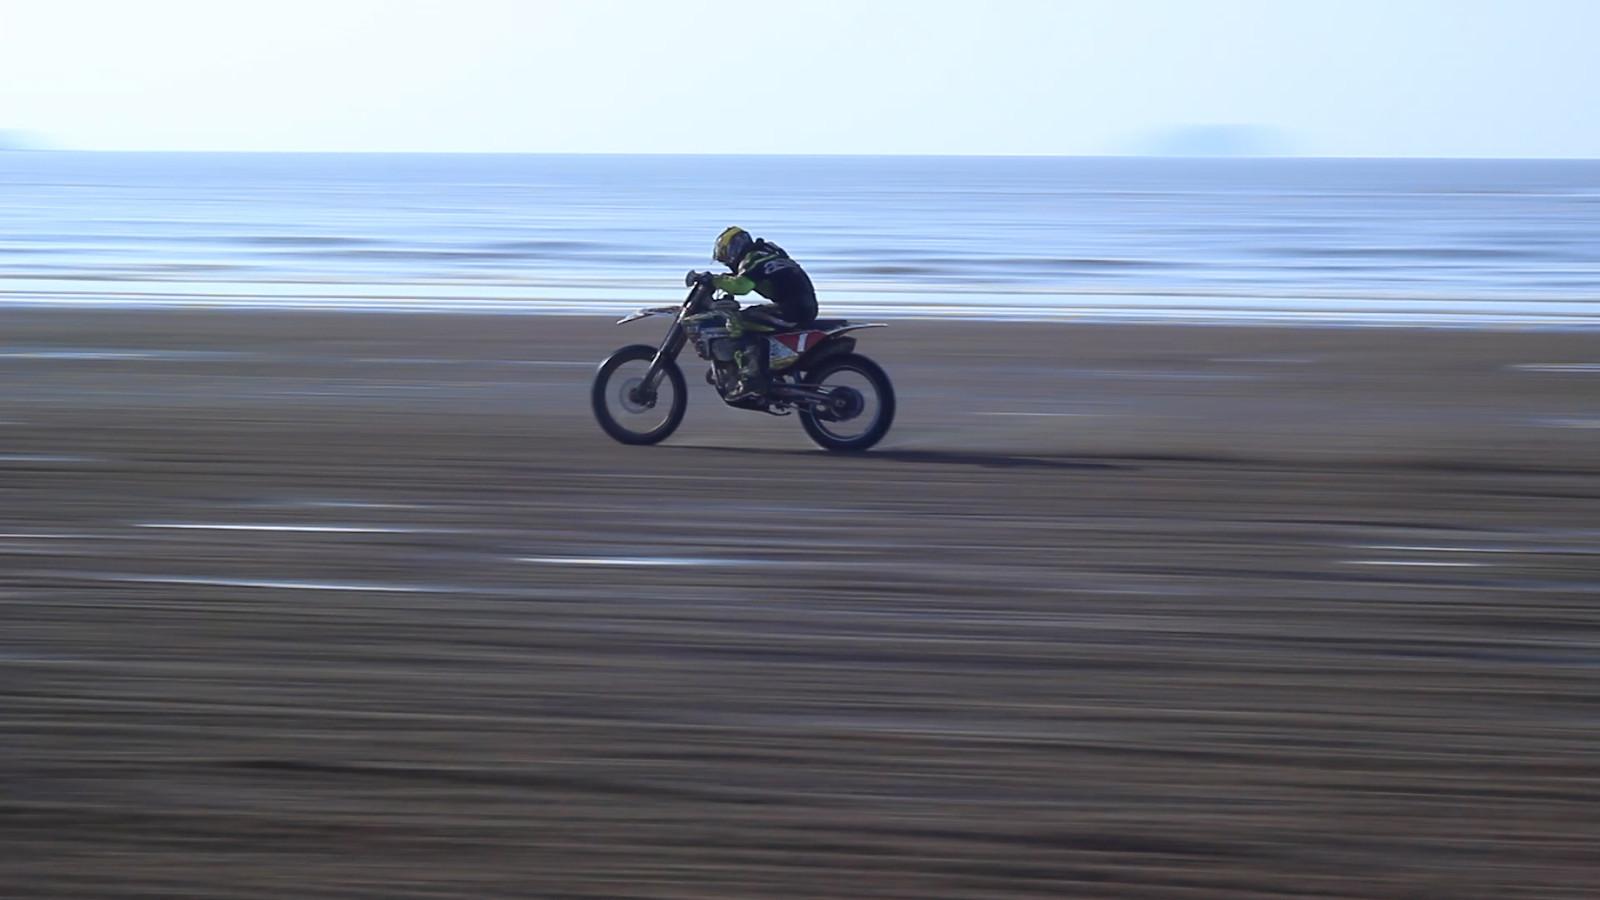 Todd Kellett - Matthew Davies - Mountain Biking Pictures - Vital MTB